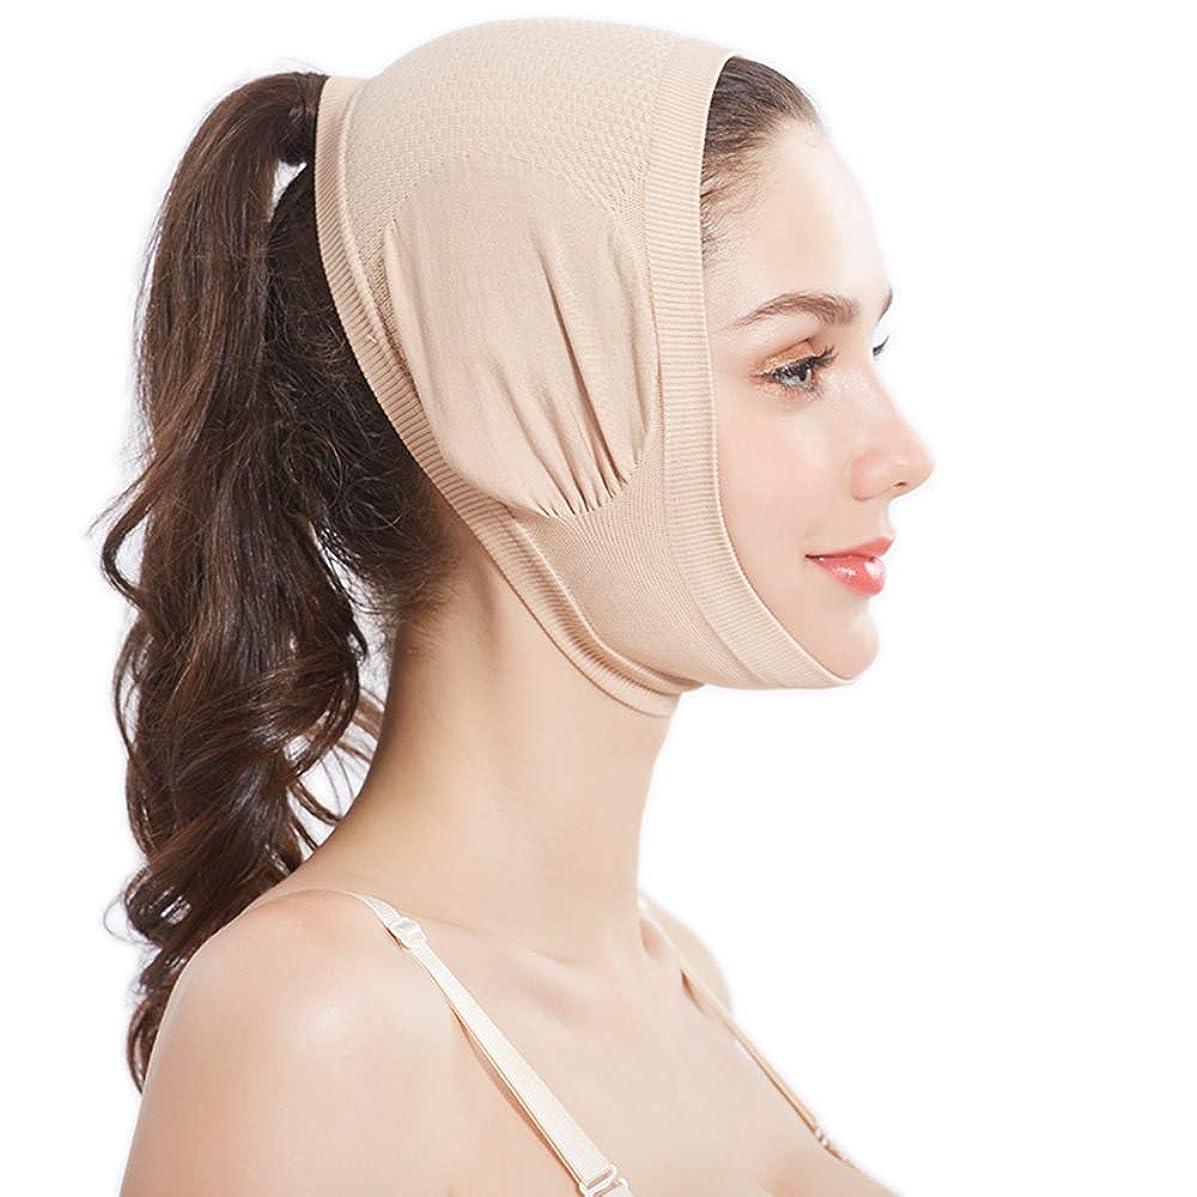 長さ活力置き場痩身チークマスク、抗ストレスウェルネスマスク、スリム顔、滑らかな通気性の圧縮あご細いストラップ V フェースラインリフトアップベルトバンド,Flesh